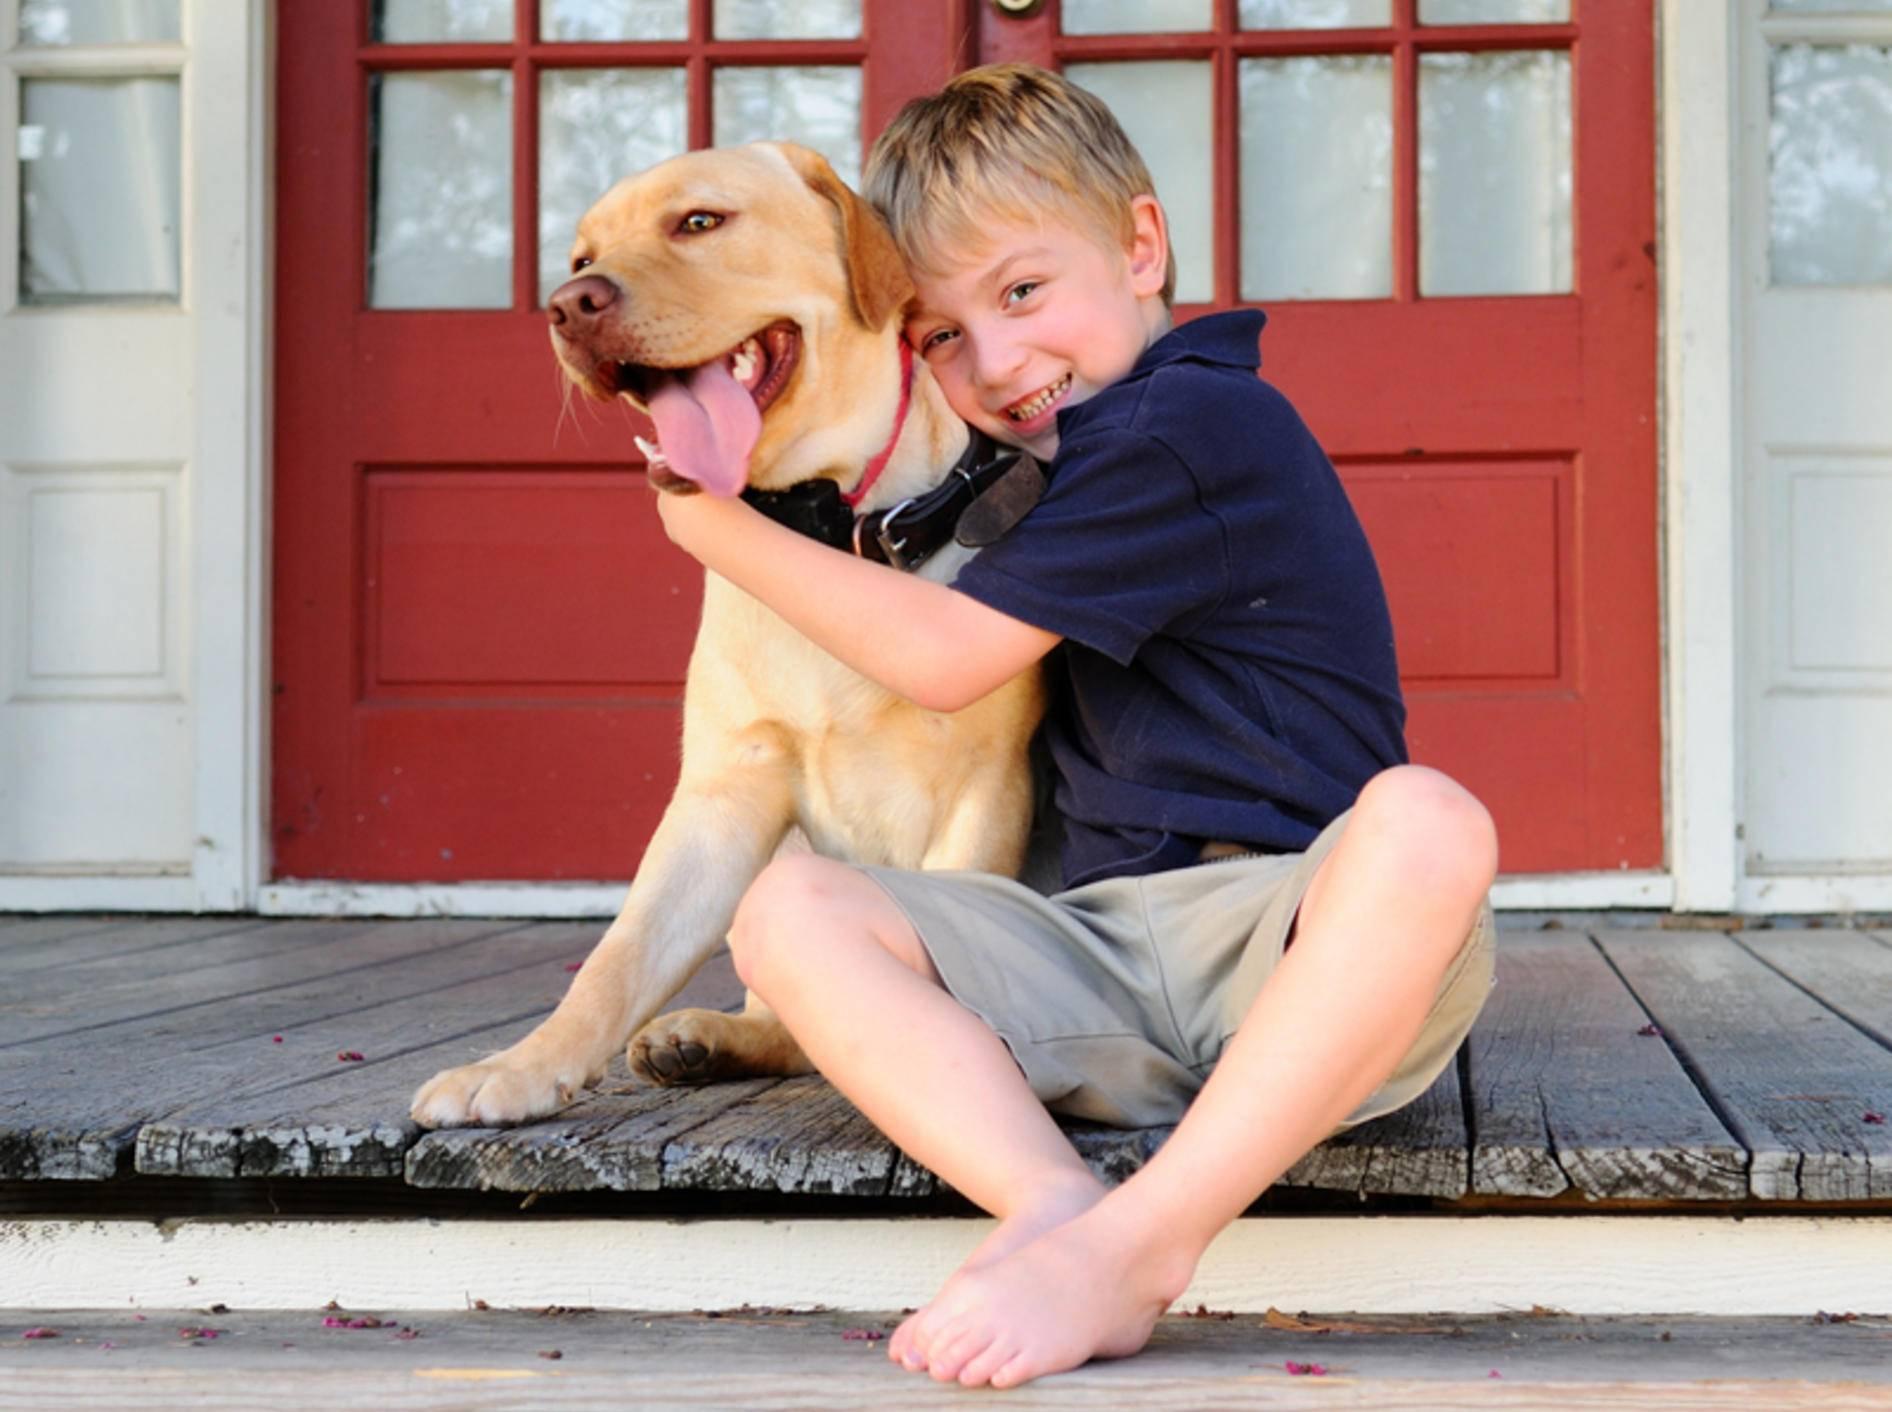 Häufiges Missverständnis: Hunde mögen eigentlich nicht gern so eng umarmt werden – Shutterstock / Brberrys